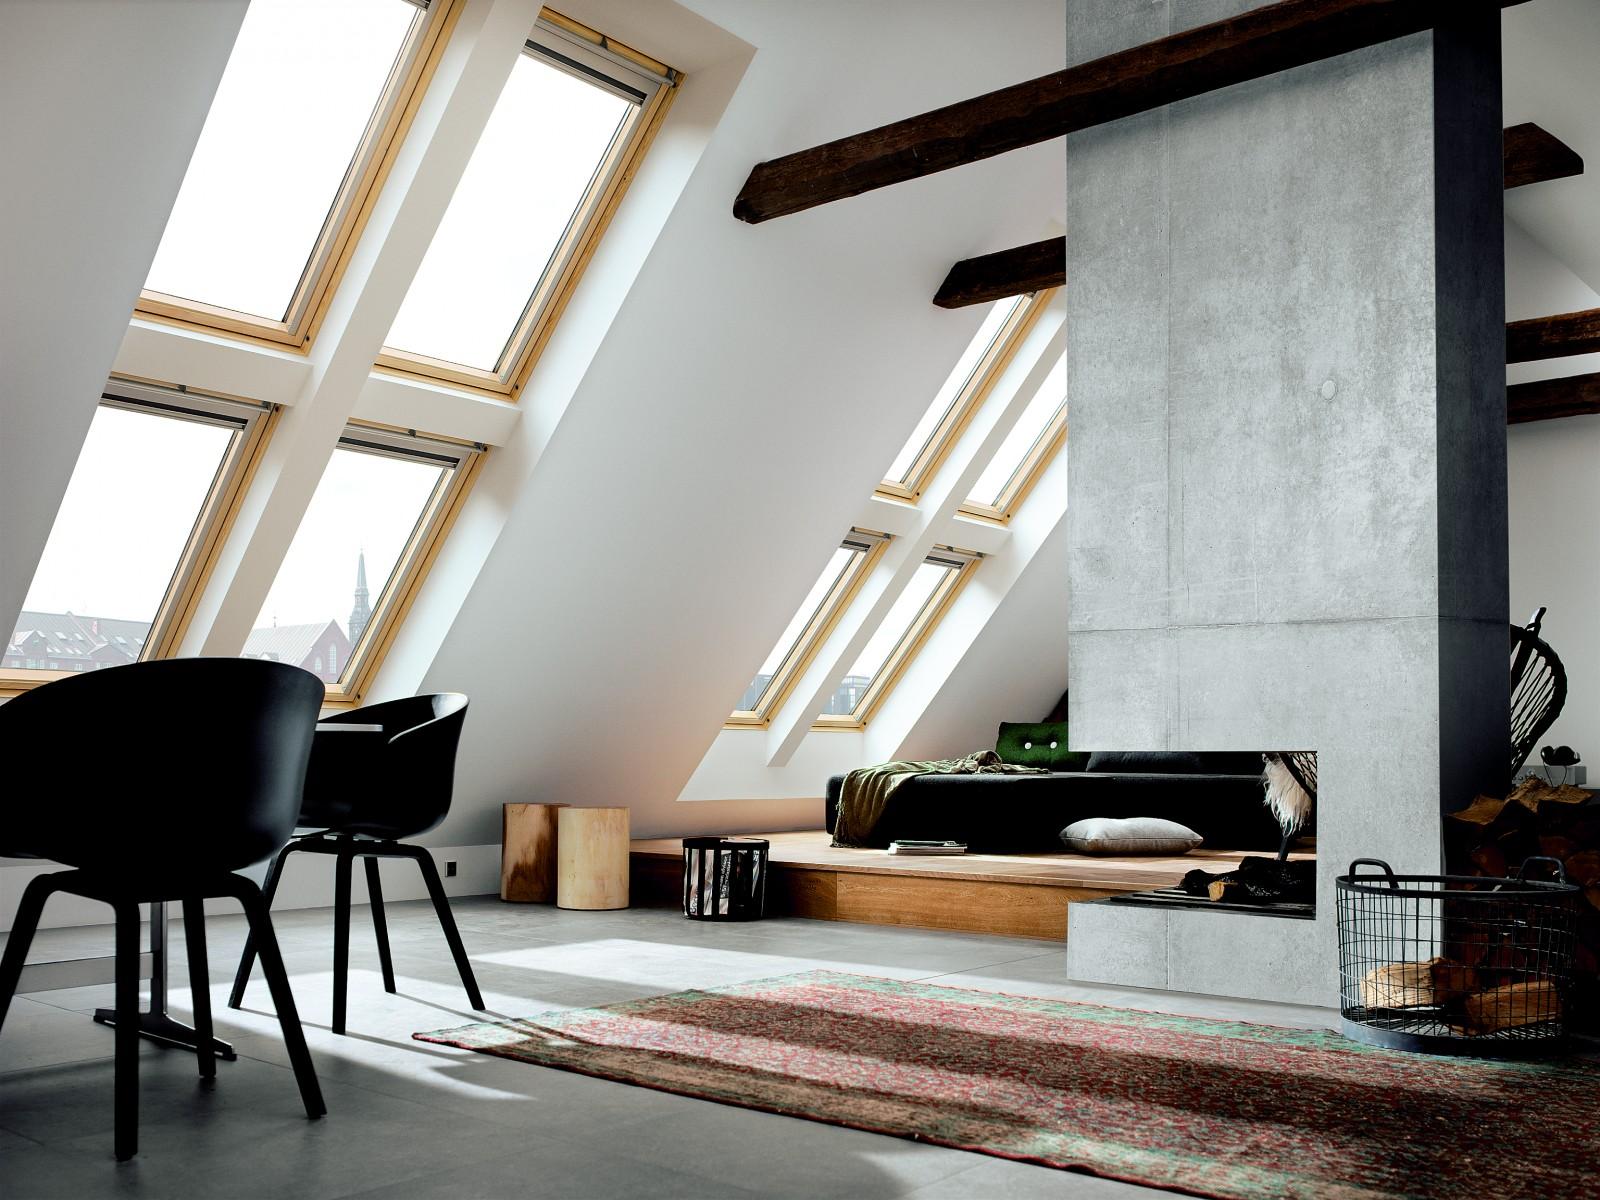 Barre D Ouverture Velux dedans plus de lumière, plus de confort, moins d'énergie dépensée